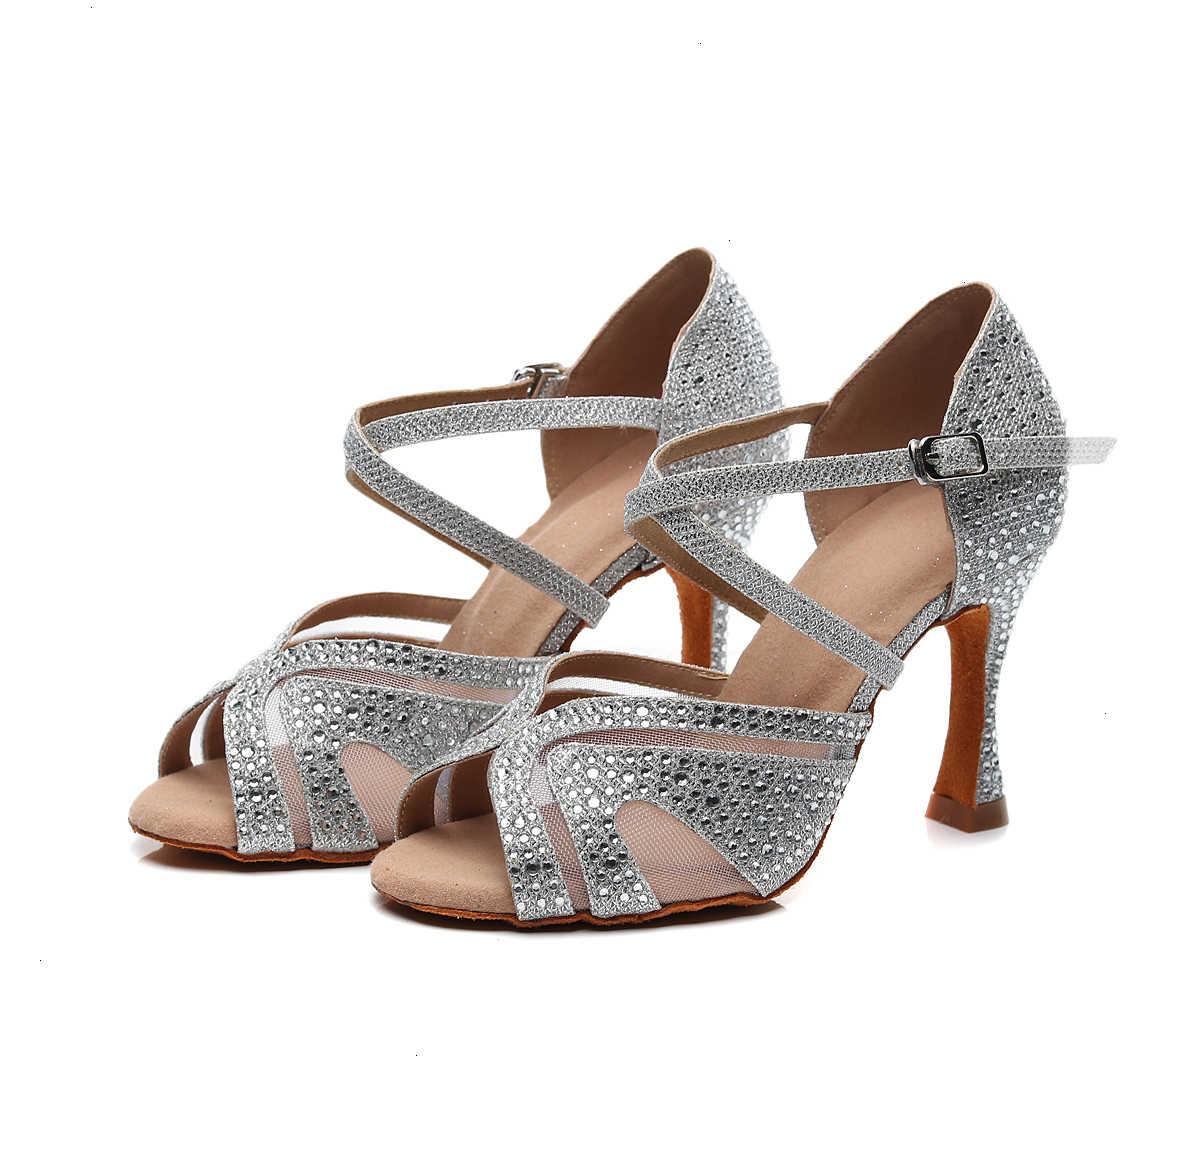 Profesyonel Salsa caz balo salonu Latin dans kırmızı ayakkabılar dans kadın artı boyutu bayanlar Latin topuk yaz siyah sandalet